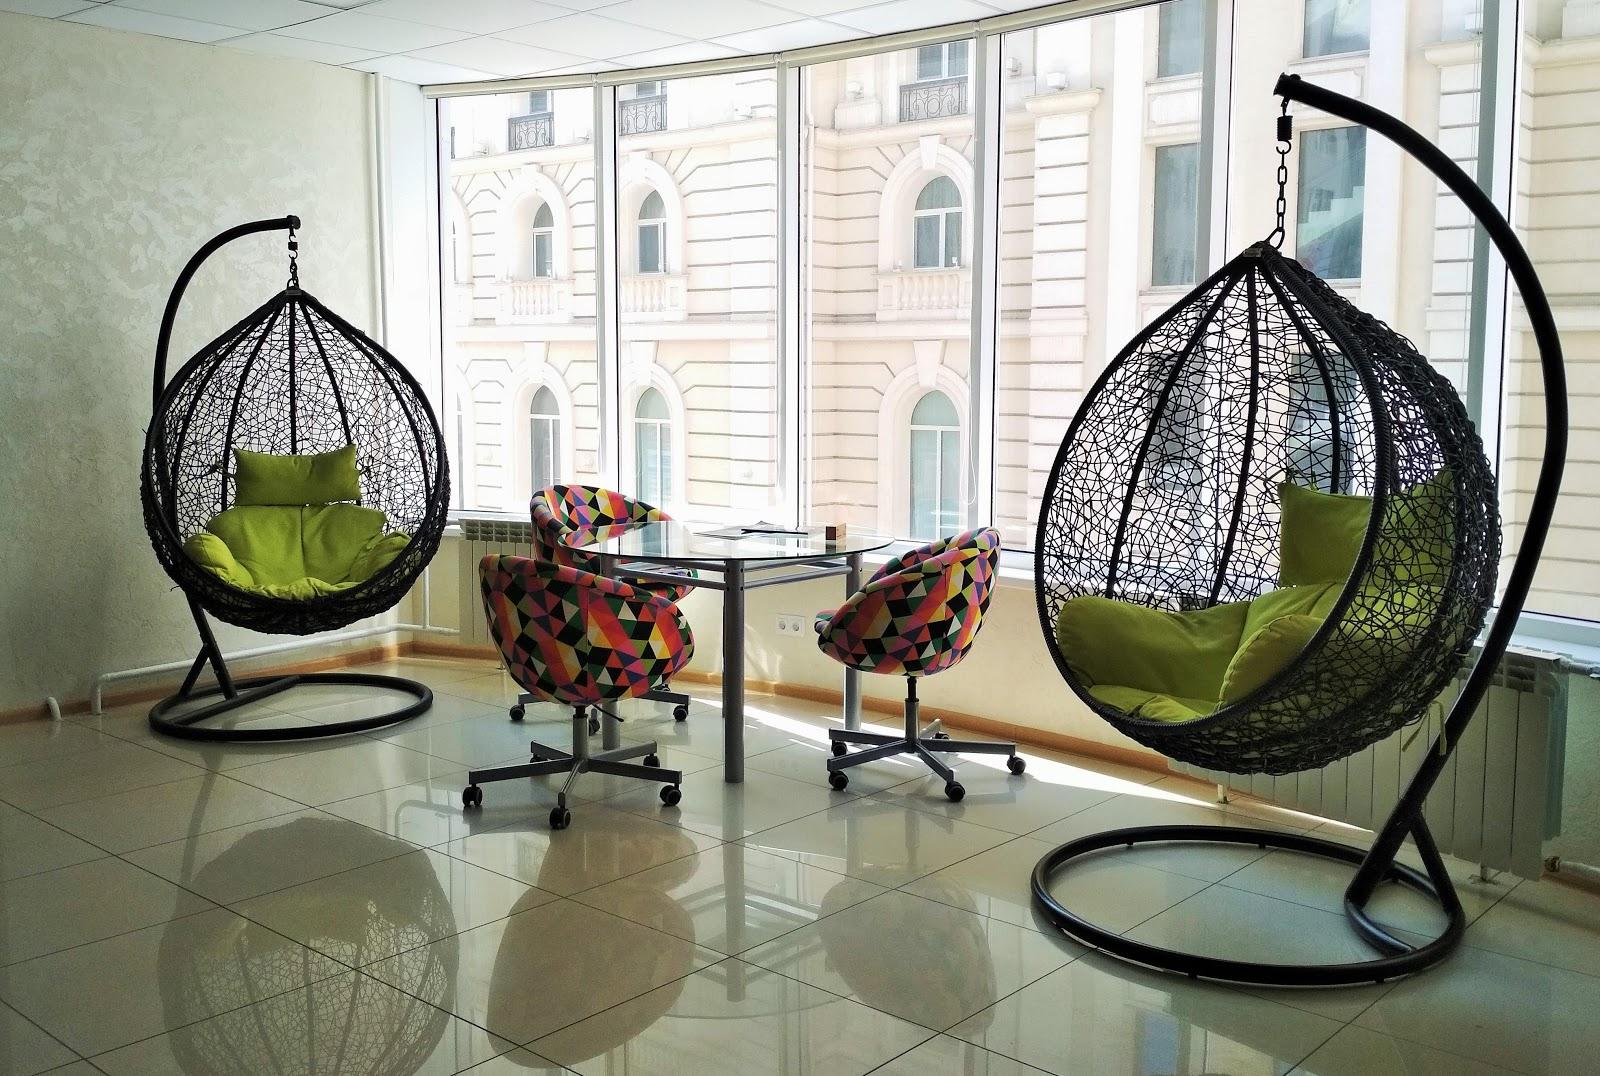 Комфортный офис — помогает работать или мешает и отвлекает? Ответят Sidenis, Alternativa Games и FunBox - 15